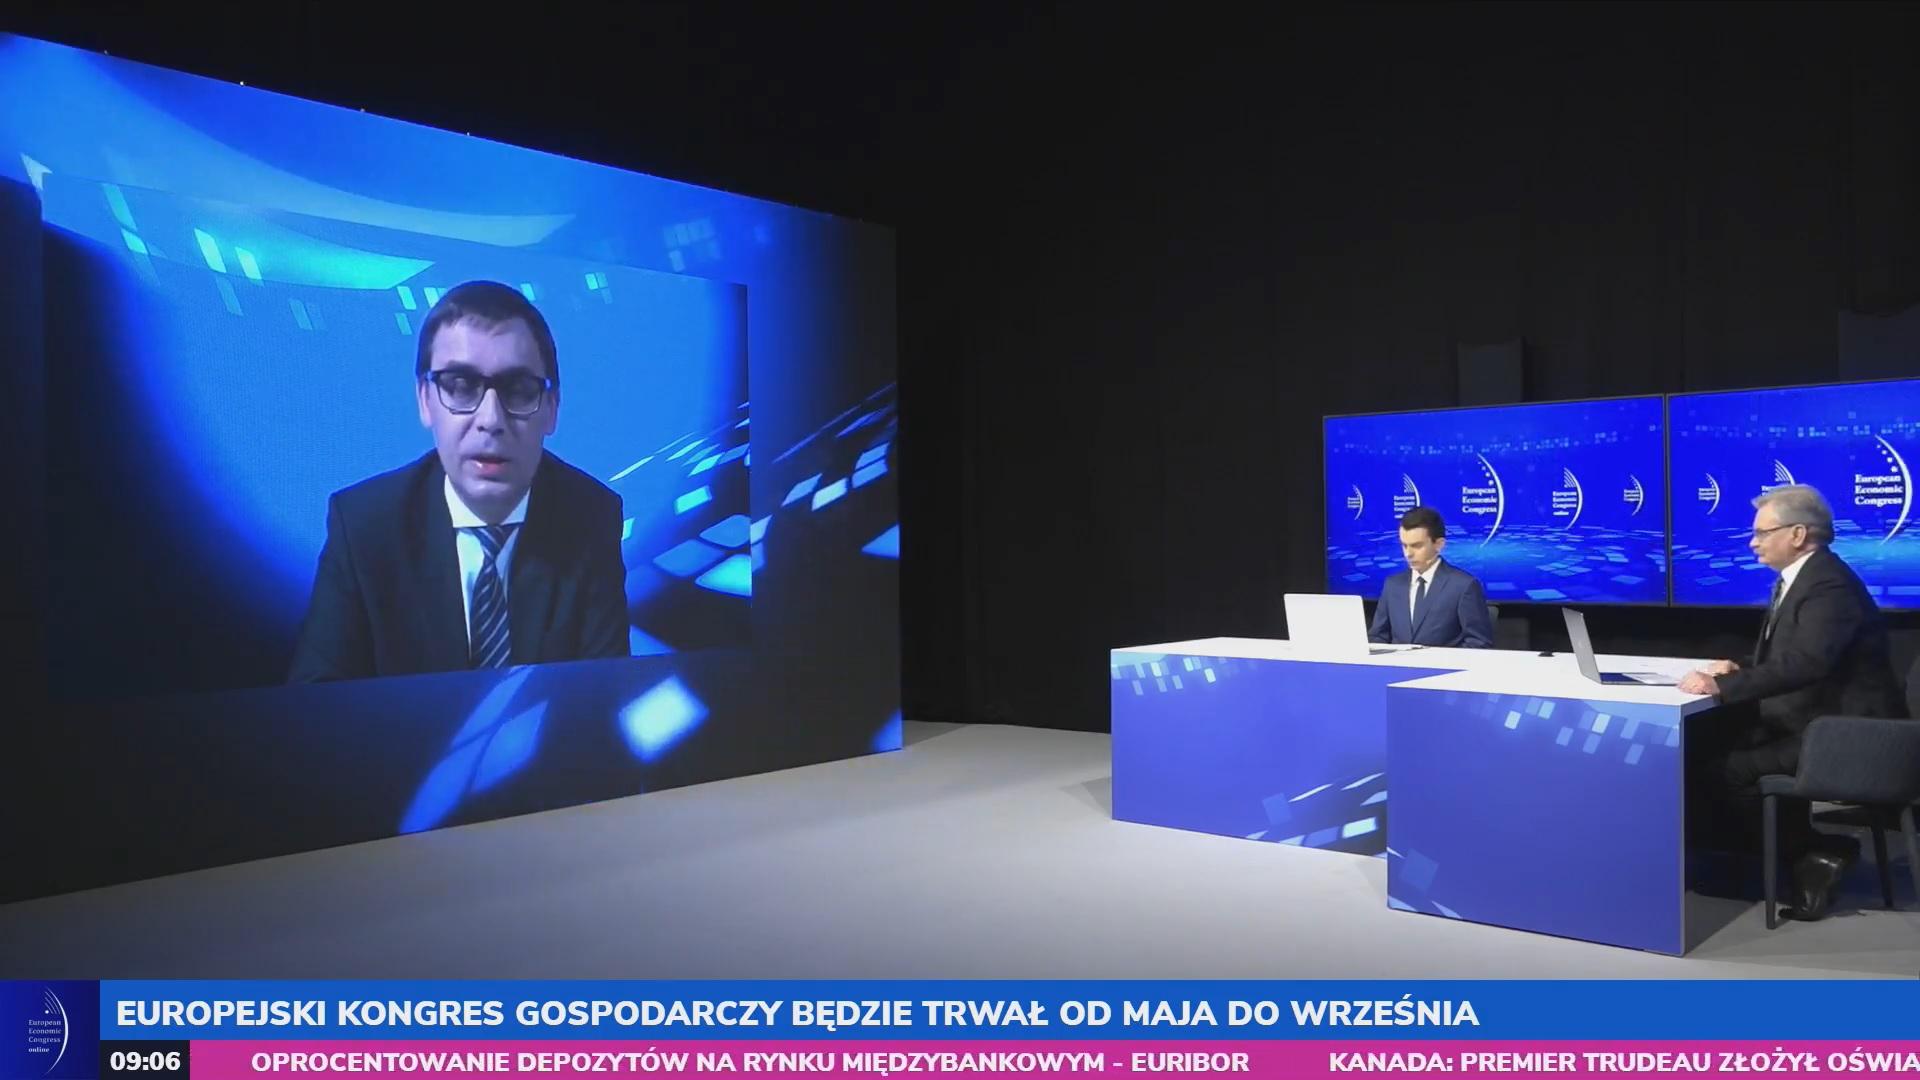 Wojciech Kuśpik zapowiedział, że Europejski Kongres Gospodarczy w nowych realiach będzie trwał od maja do września. Fot. PTWP